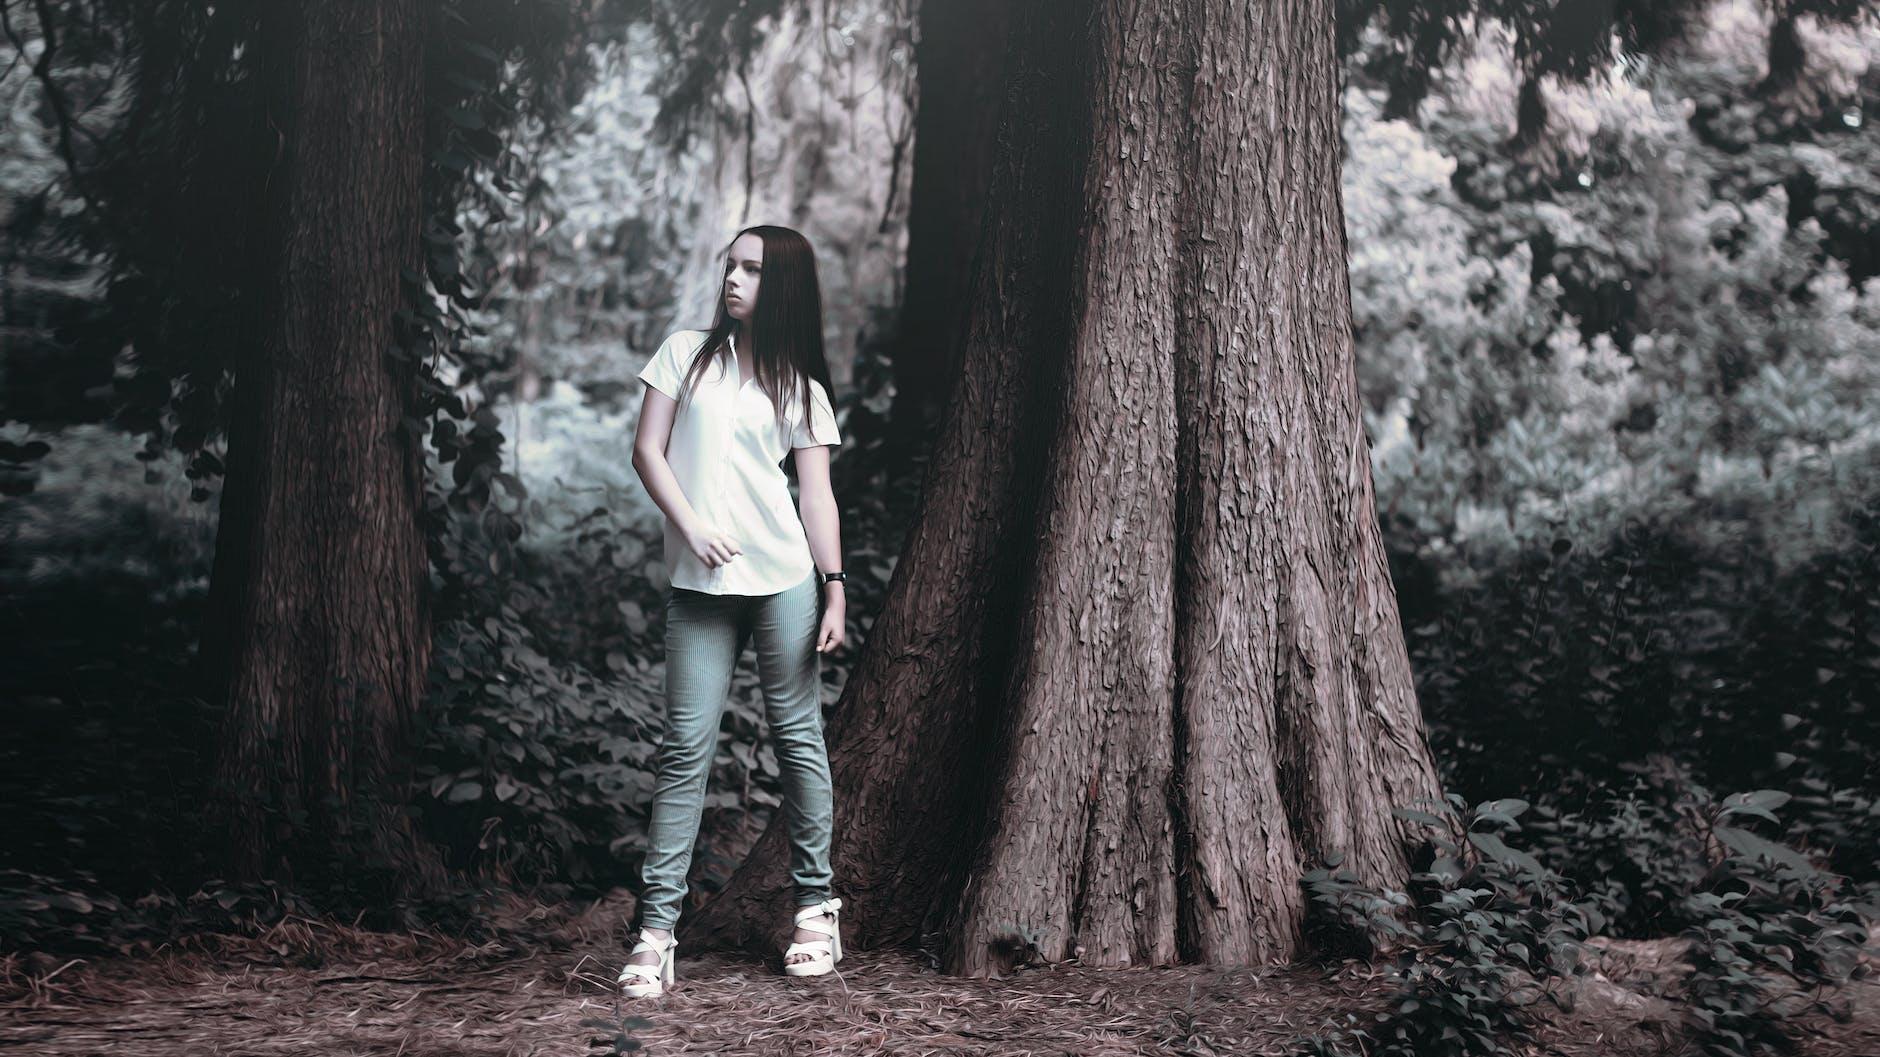 девушки около дерева может корректно